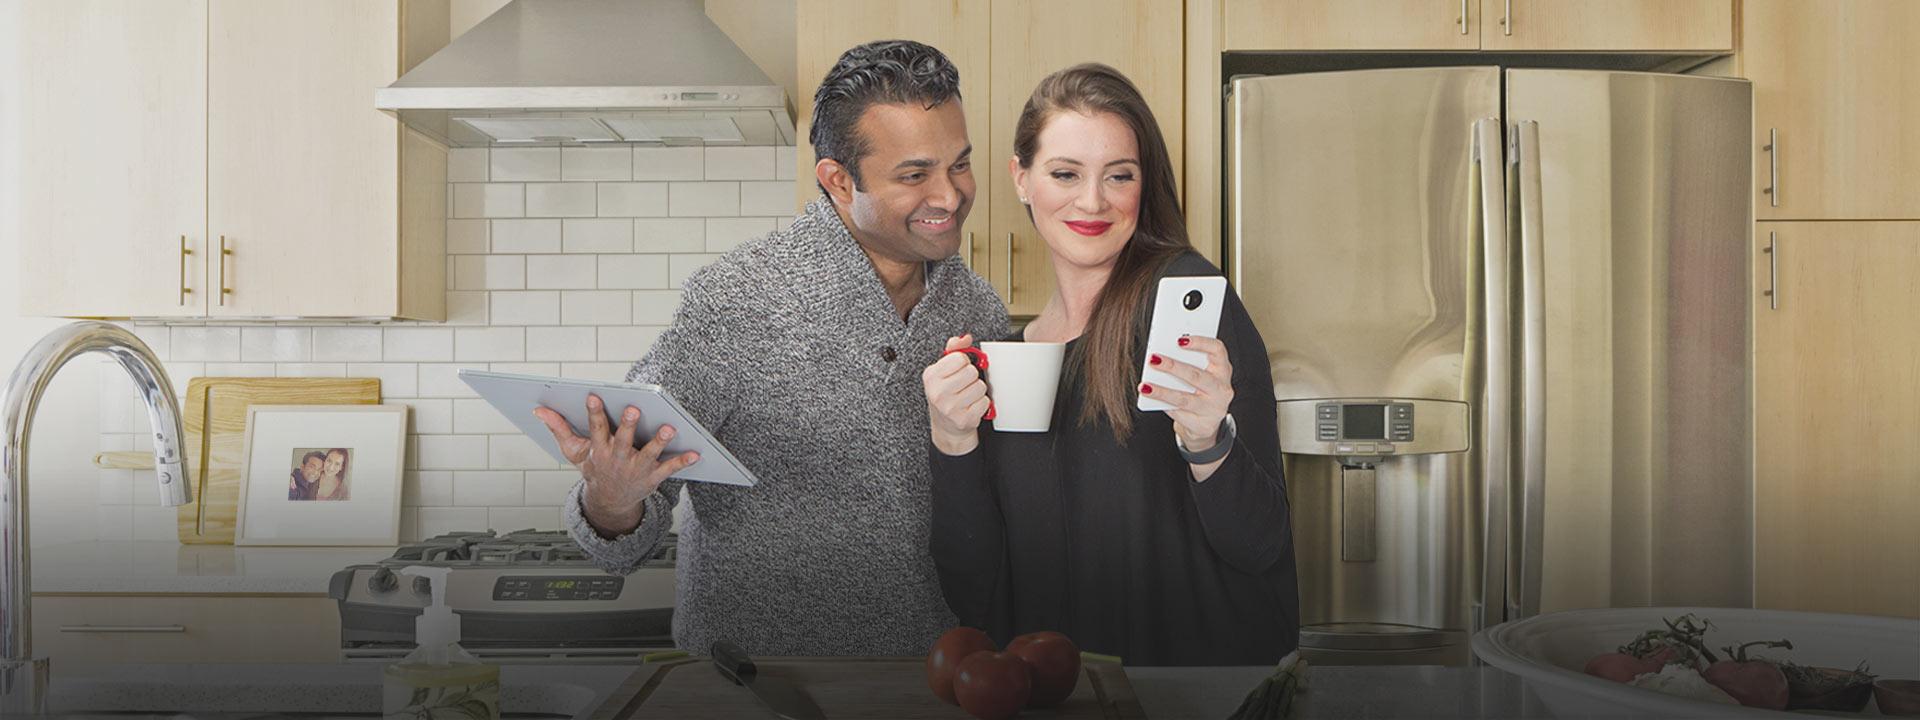 Un couple se tient ensemble dans une cuisine moderne. L'homme tient une tablette et la femme tient un téléphone mobile. Les deux sourient en regardant l'écran du téléphone mobile.